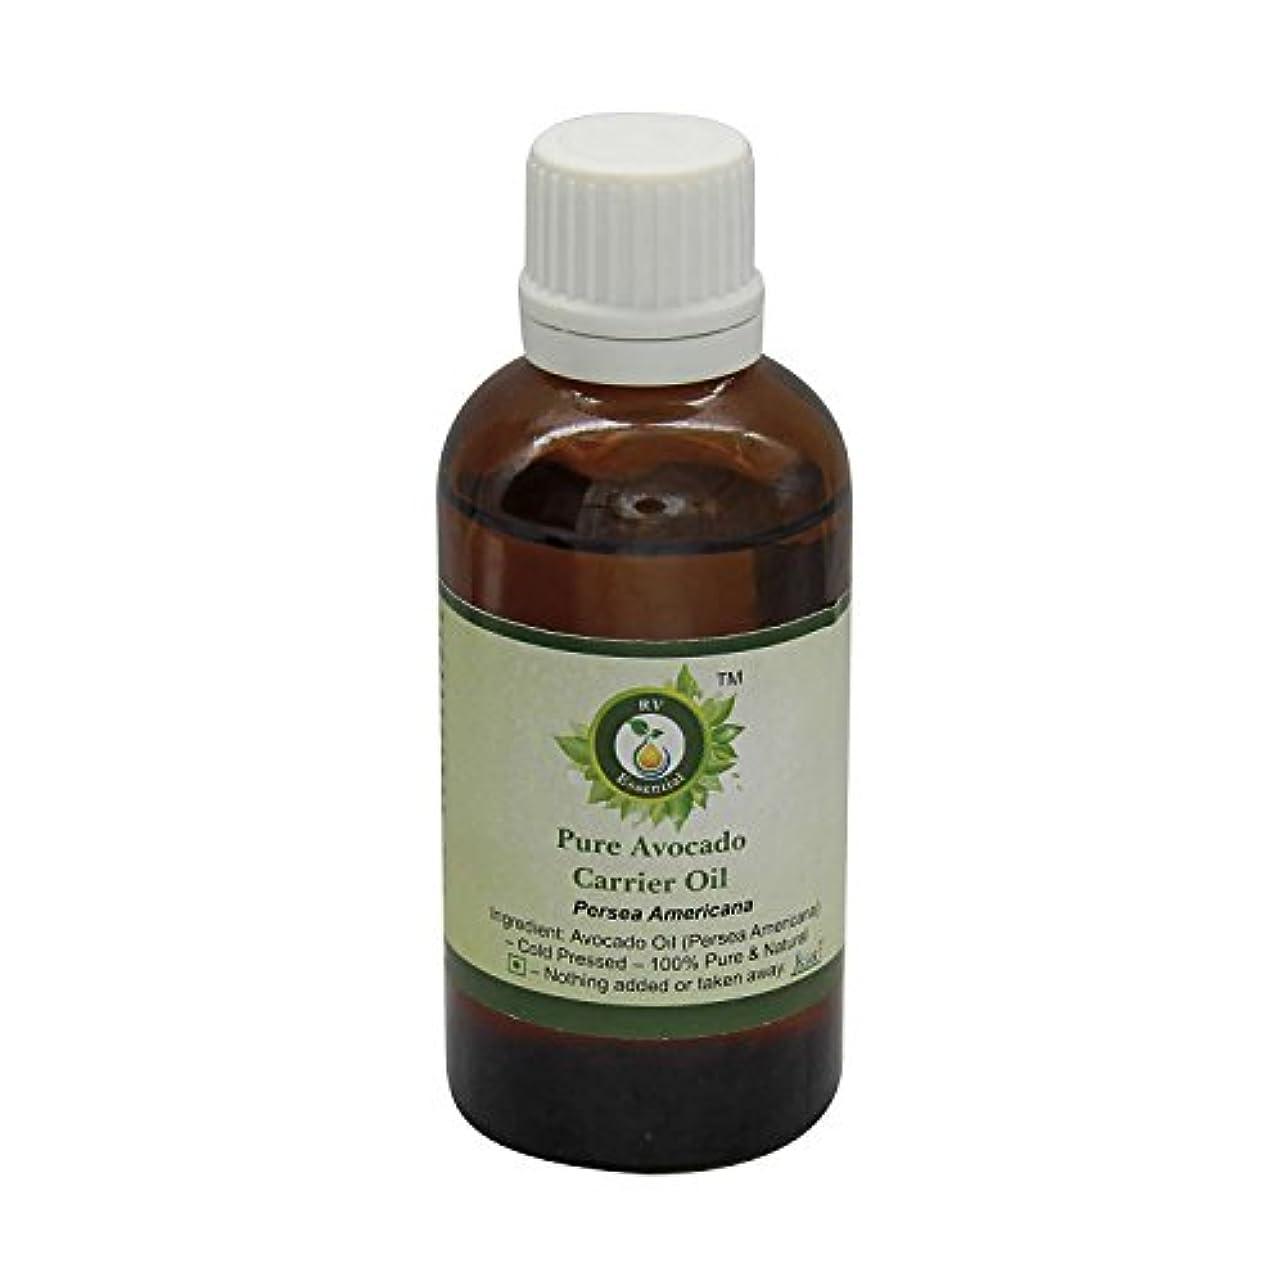 心からクリスチャン毒R V Essential ピュアアボカドキャリアオイル15ml (0.507oz)- Persea Americana (100%ピュア&ナチュラルコールドPressed) Pure Avocado Carrier Oil